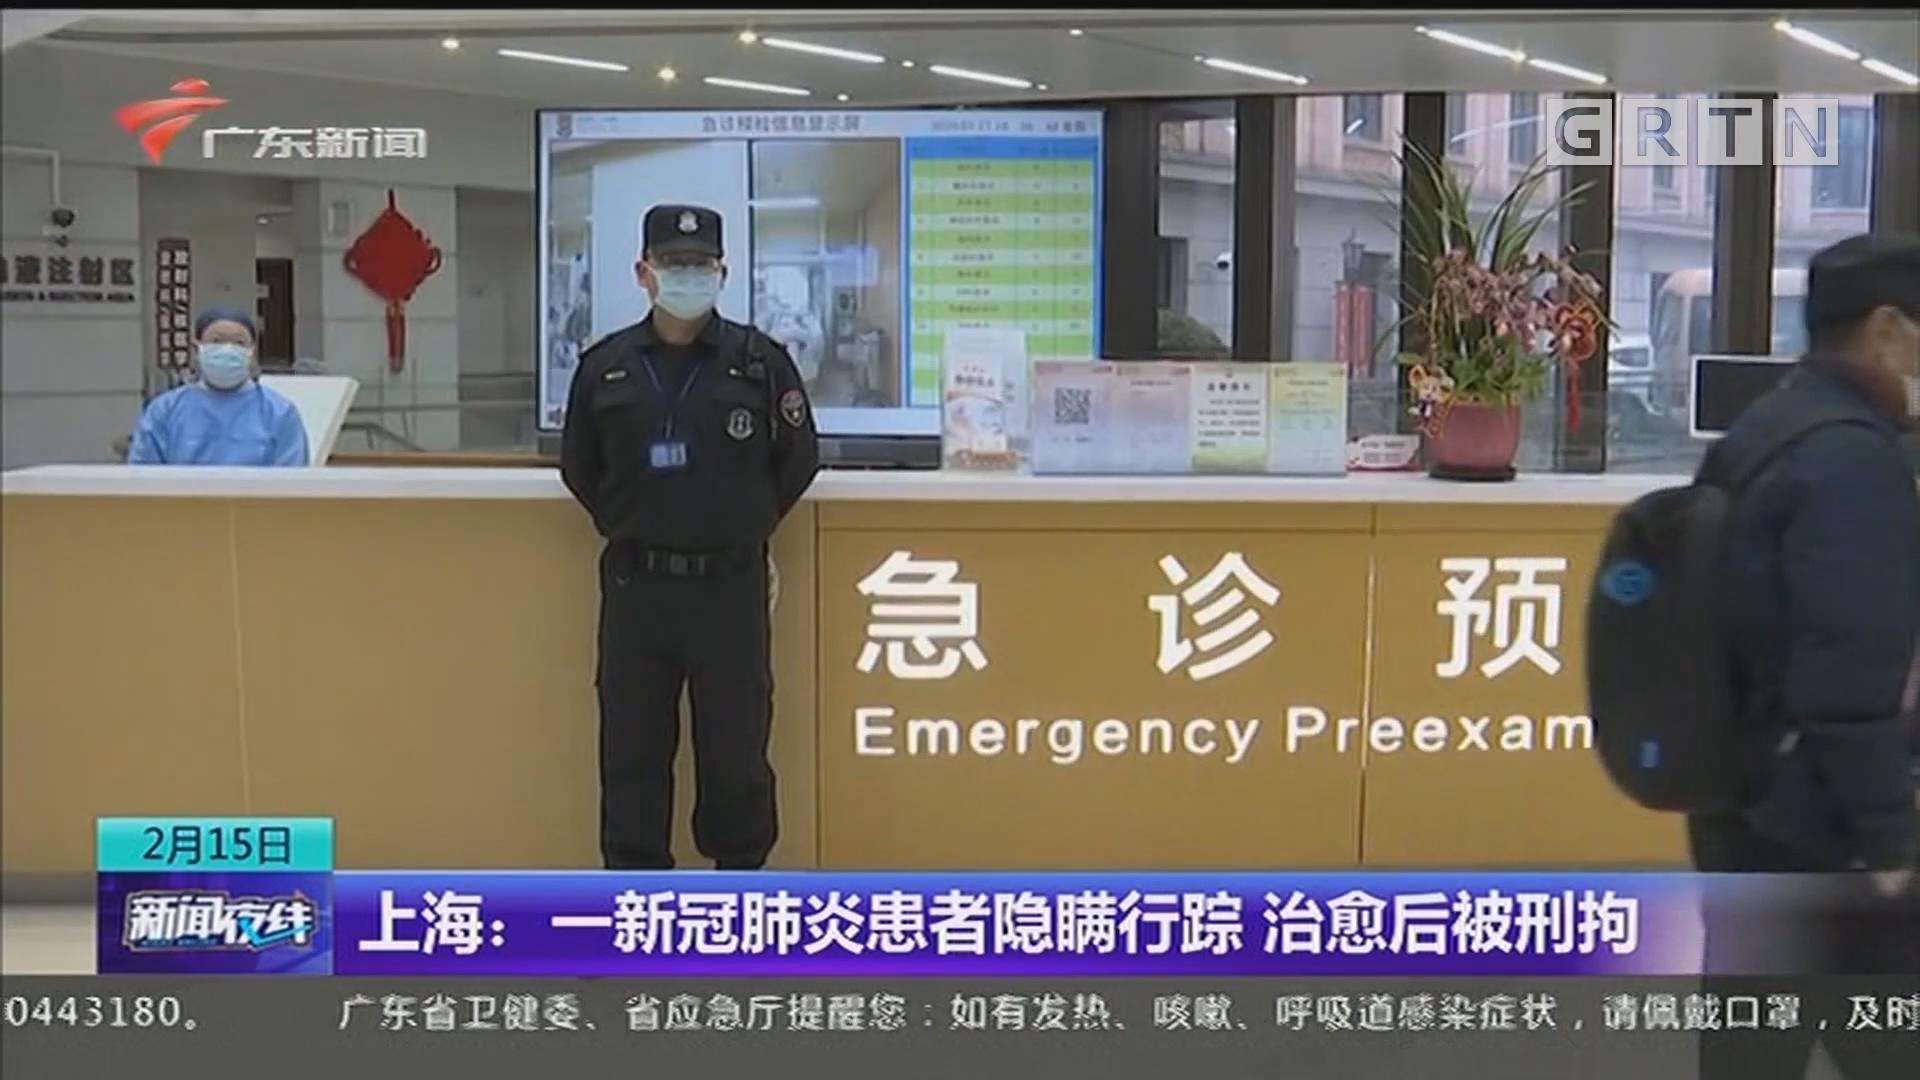 上海:一新冠肺炎患者隐瞒行踪 治愈后被刑拘